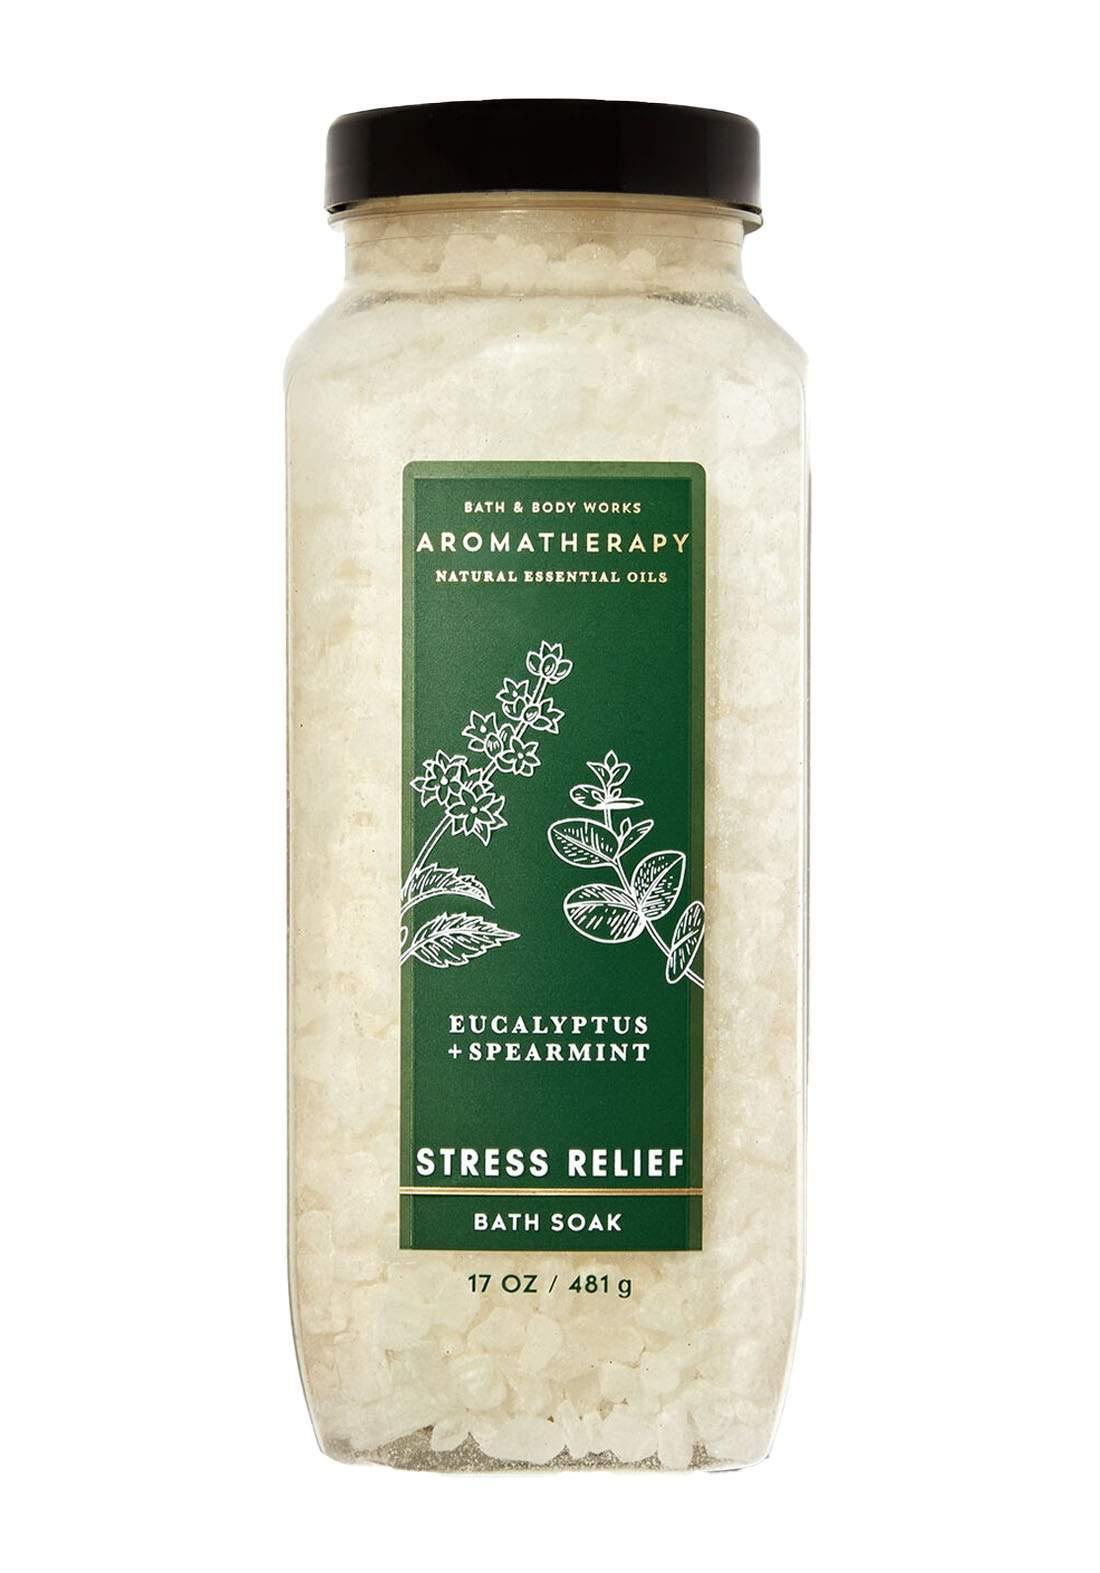 Bath And Body Works Aromatherapy Stress Relief Eucalyptus Spearmint Bath Soak 481g املاح الاستحمام